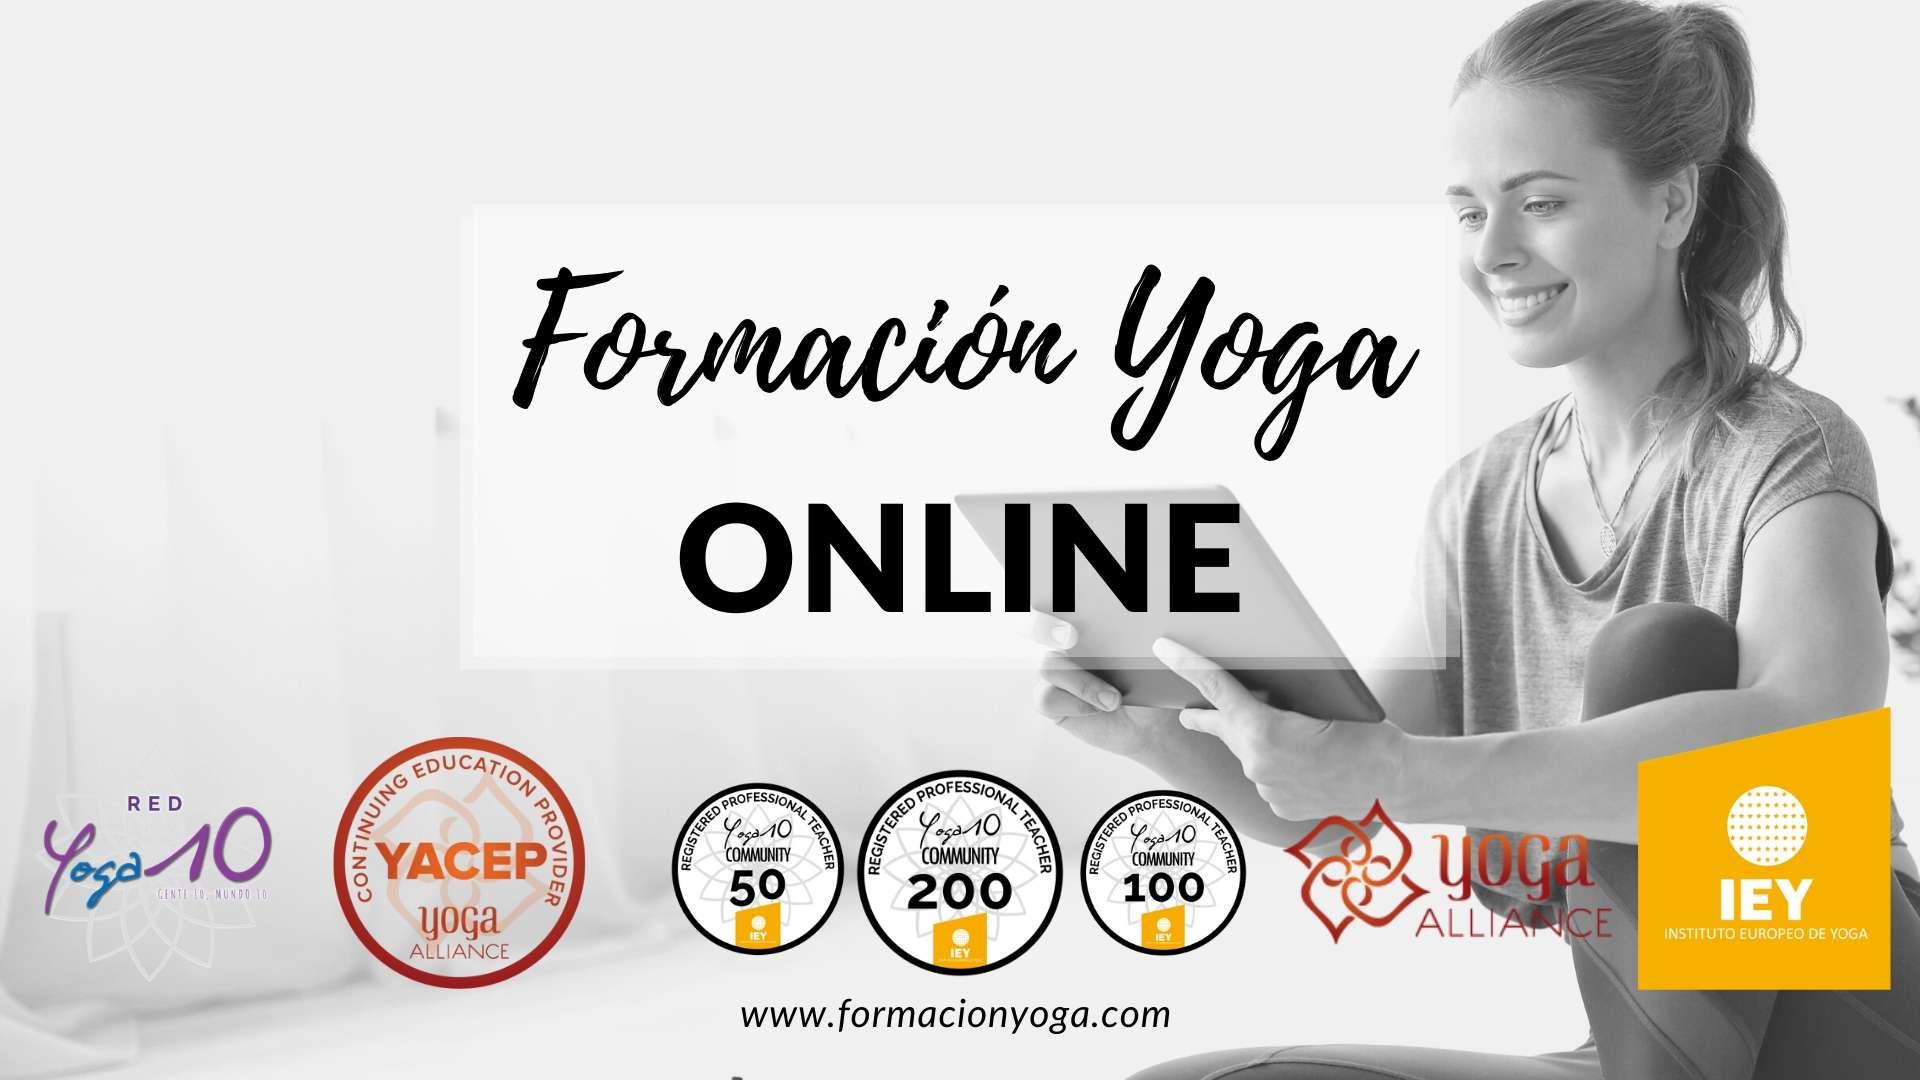 Banner Formación Yoga Online del Instituto Europeo de Yoga